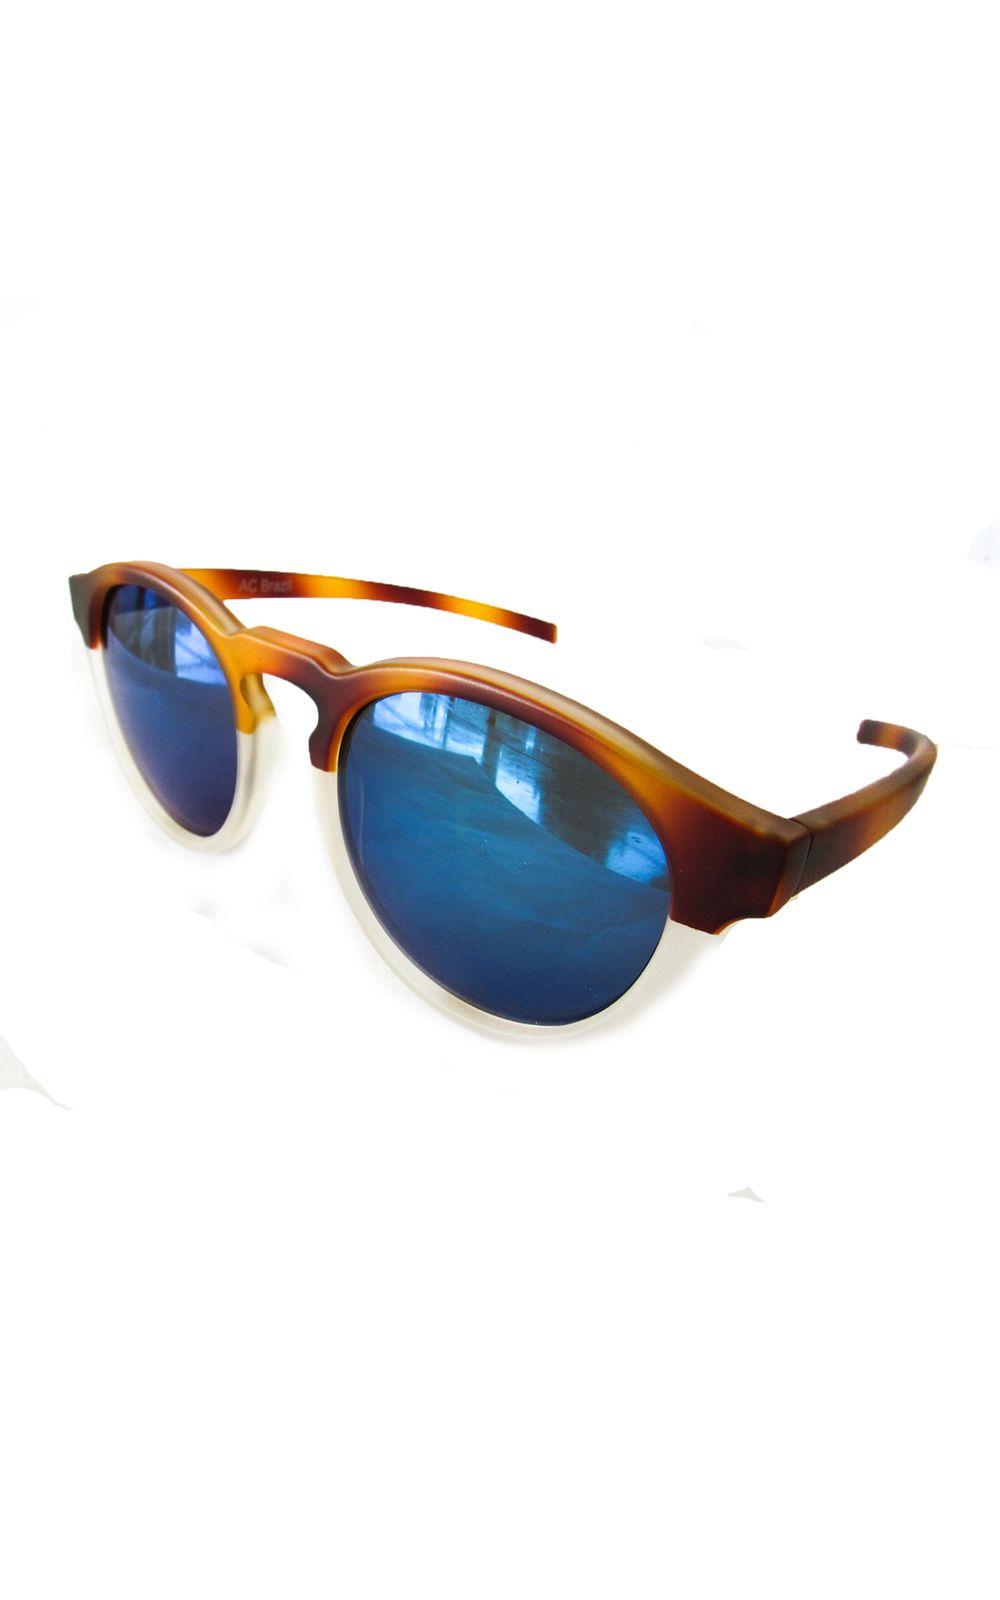 a8829e9dc4983 Óculos Redondo Caramelo-Transparente Lente Azul. undefined